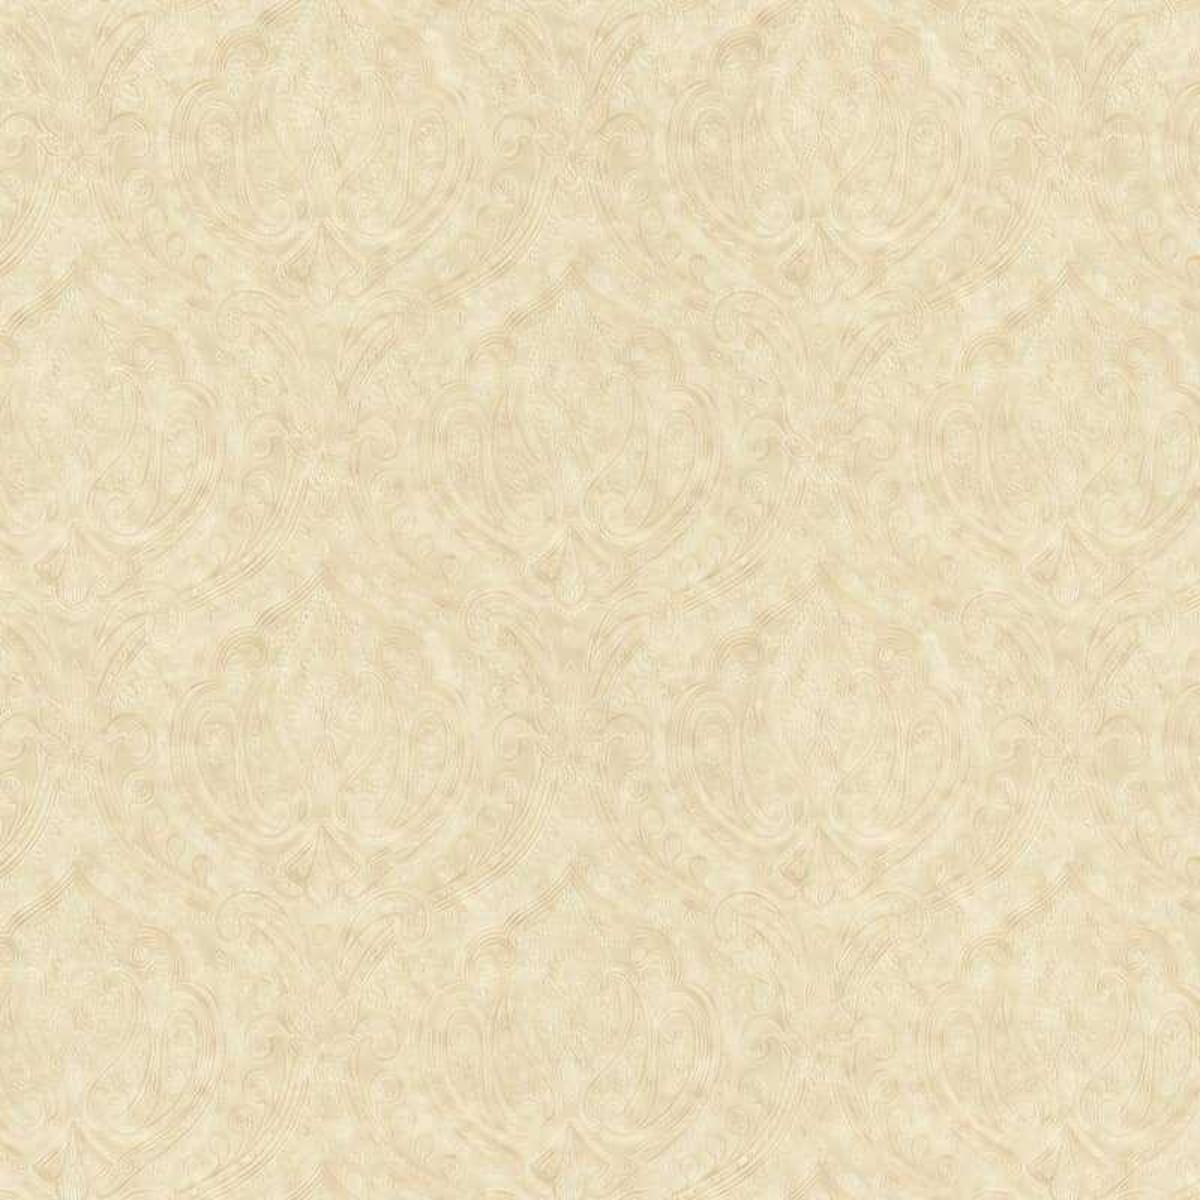 Обои флизелиновые Rasch Art Nouveau 2020 желтые 1.06 м 958423